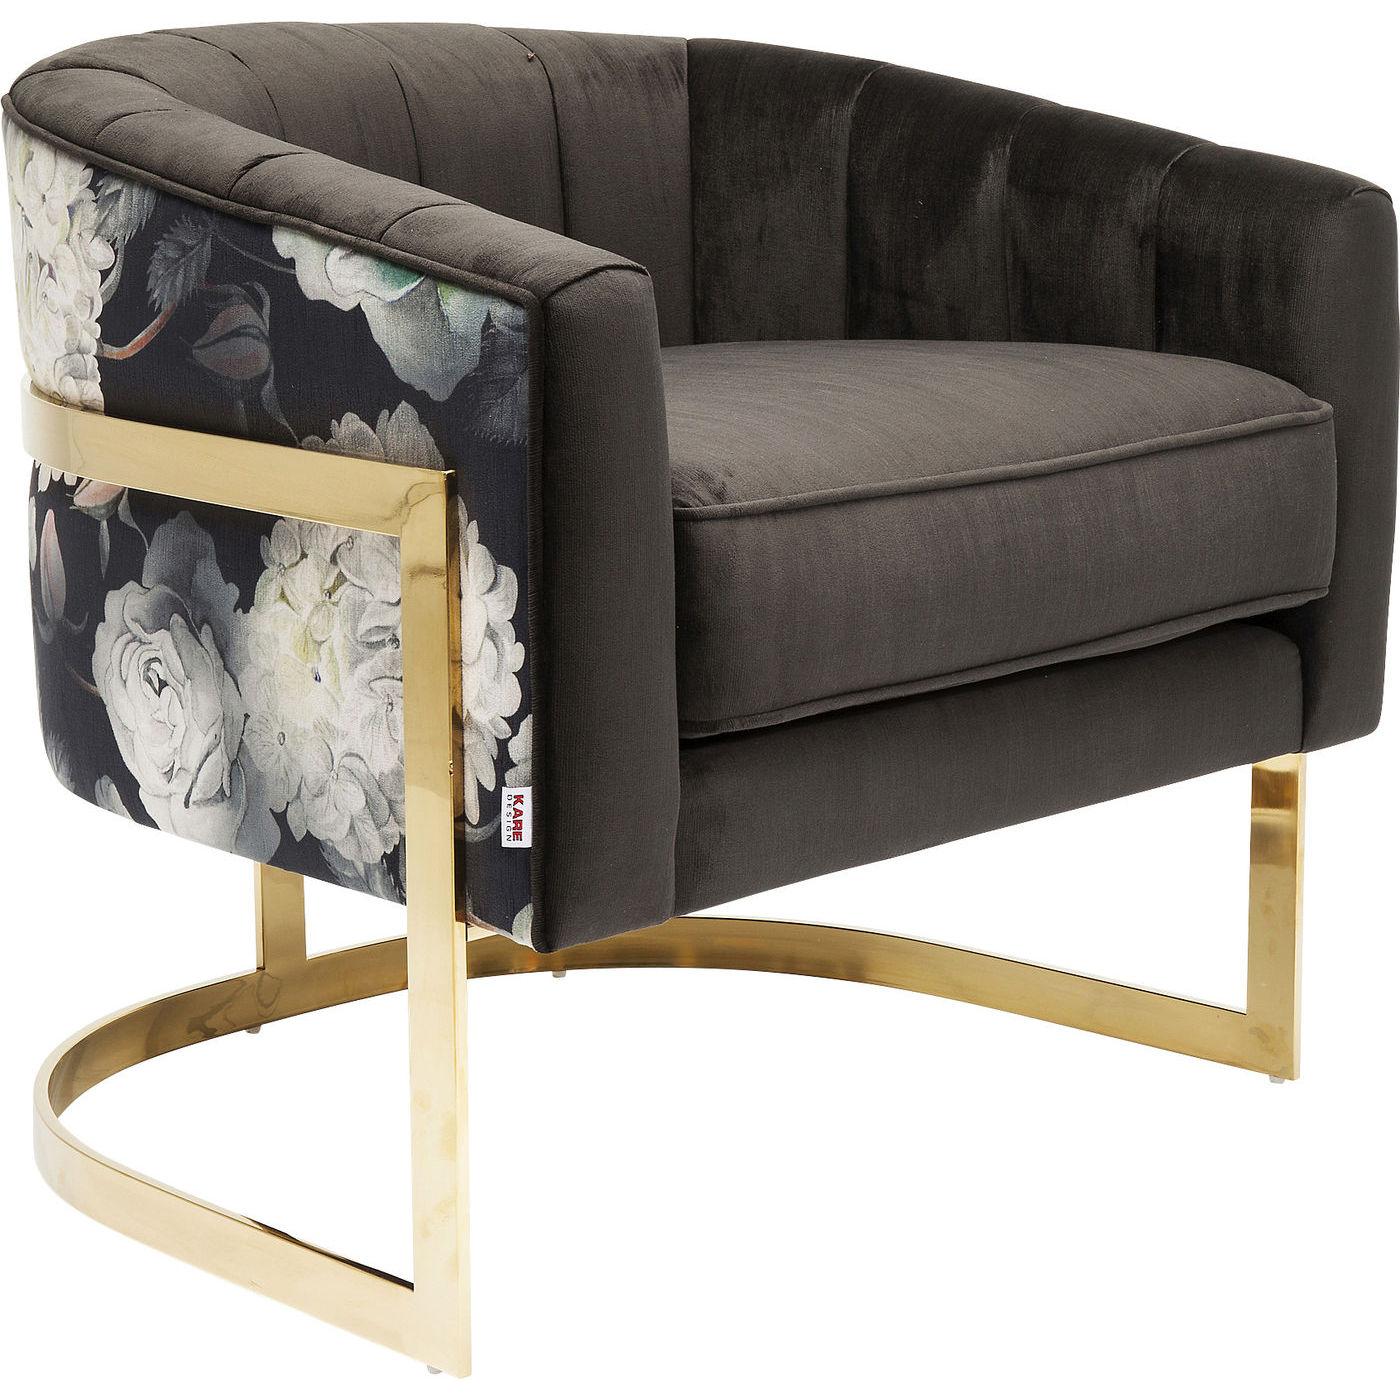 Image of   KARE DESIGN Bold Club lænestol - sort/multifarvet stof og guld stål, m armlæn